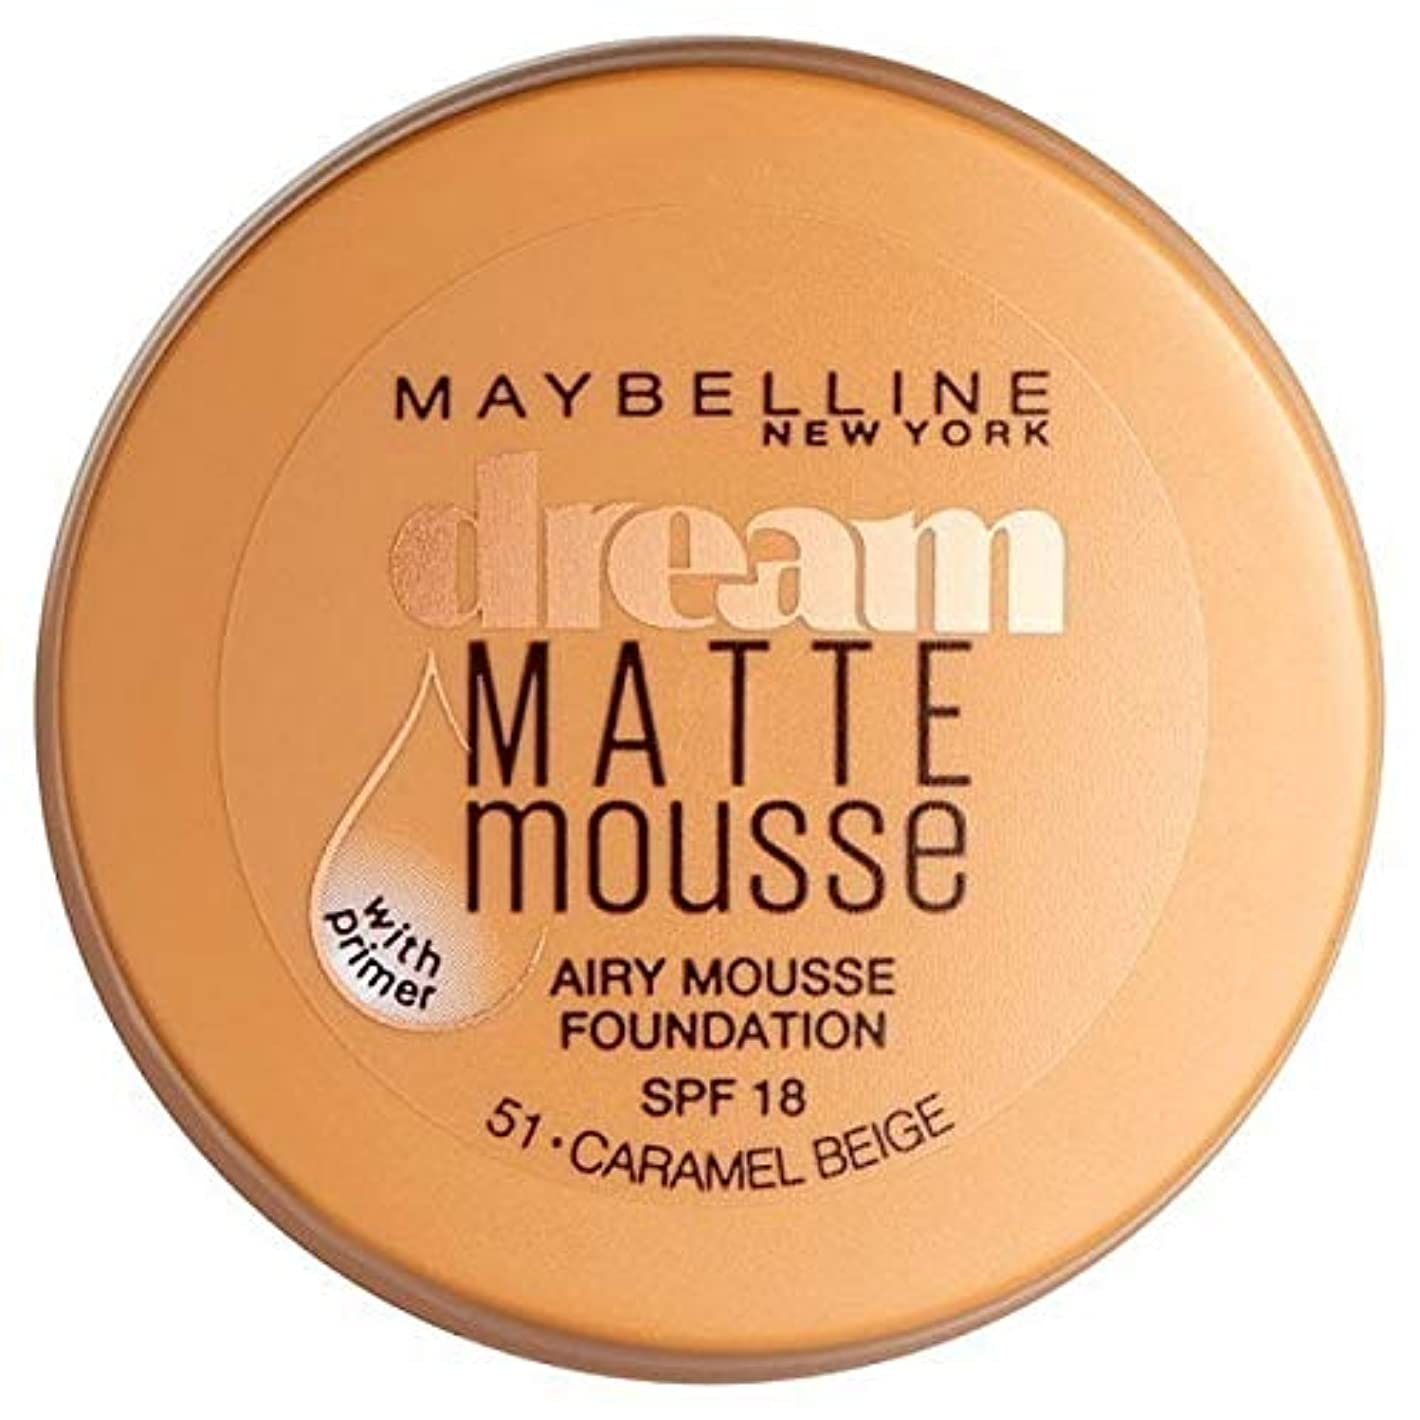 苦悩したいプラットフォーム[Maybelline ] メイベリン夢のマットムース基盤051キャラメルベージュ - Maybelline Dream Matte Mousse Foundation 051 Caramel Beige [並行輸入品]